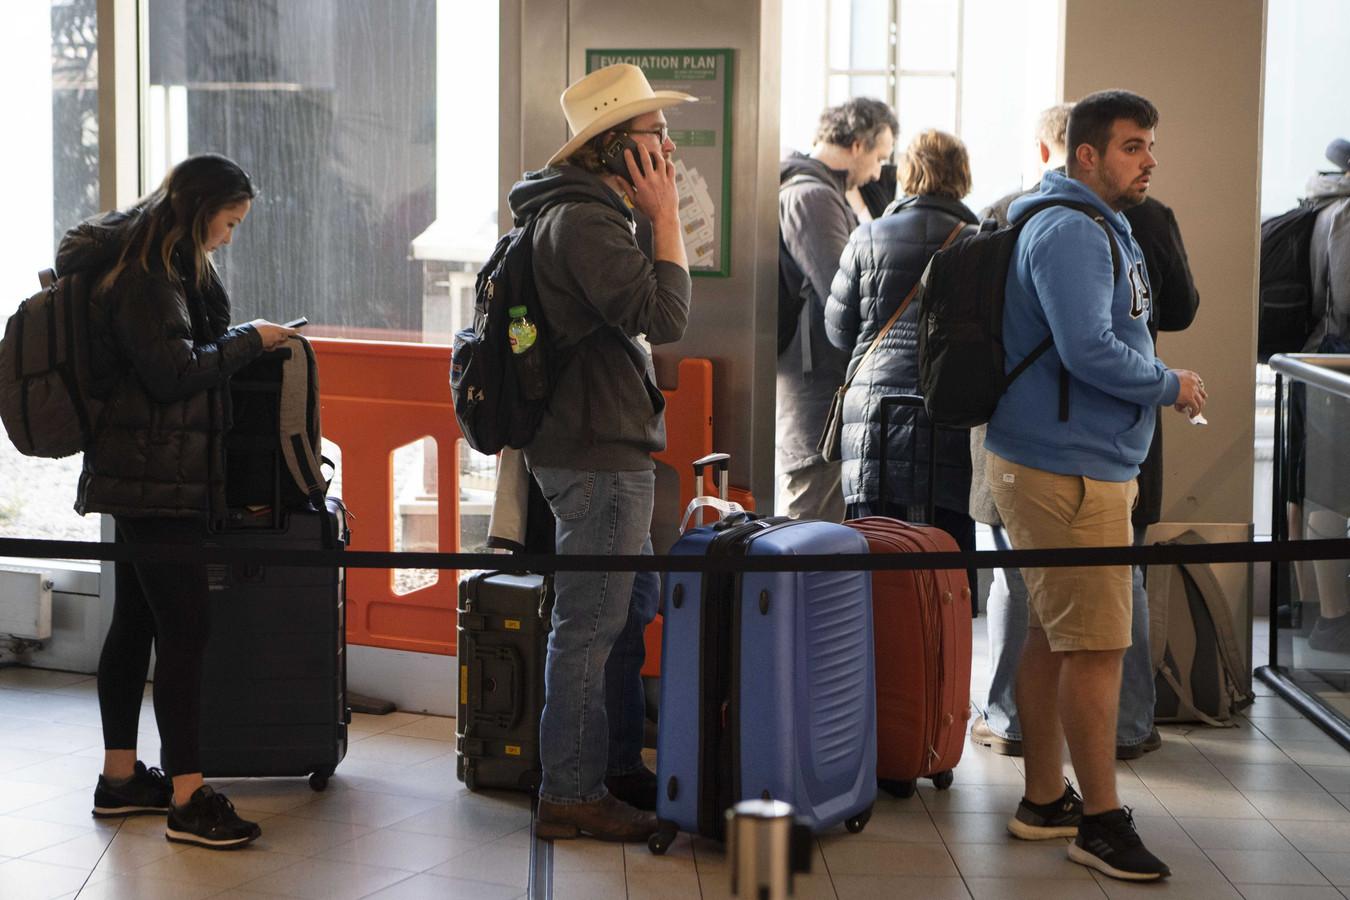 Drukte in de vertrekhal bij de informatiebalie van KLM op Schiphol.